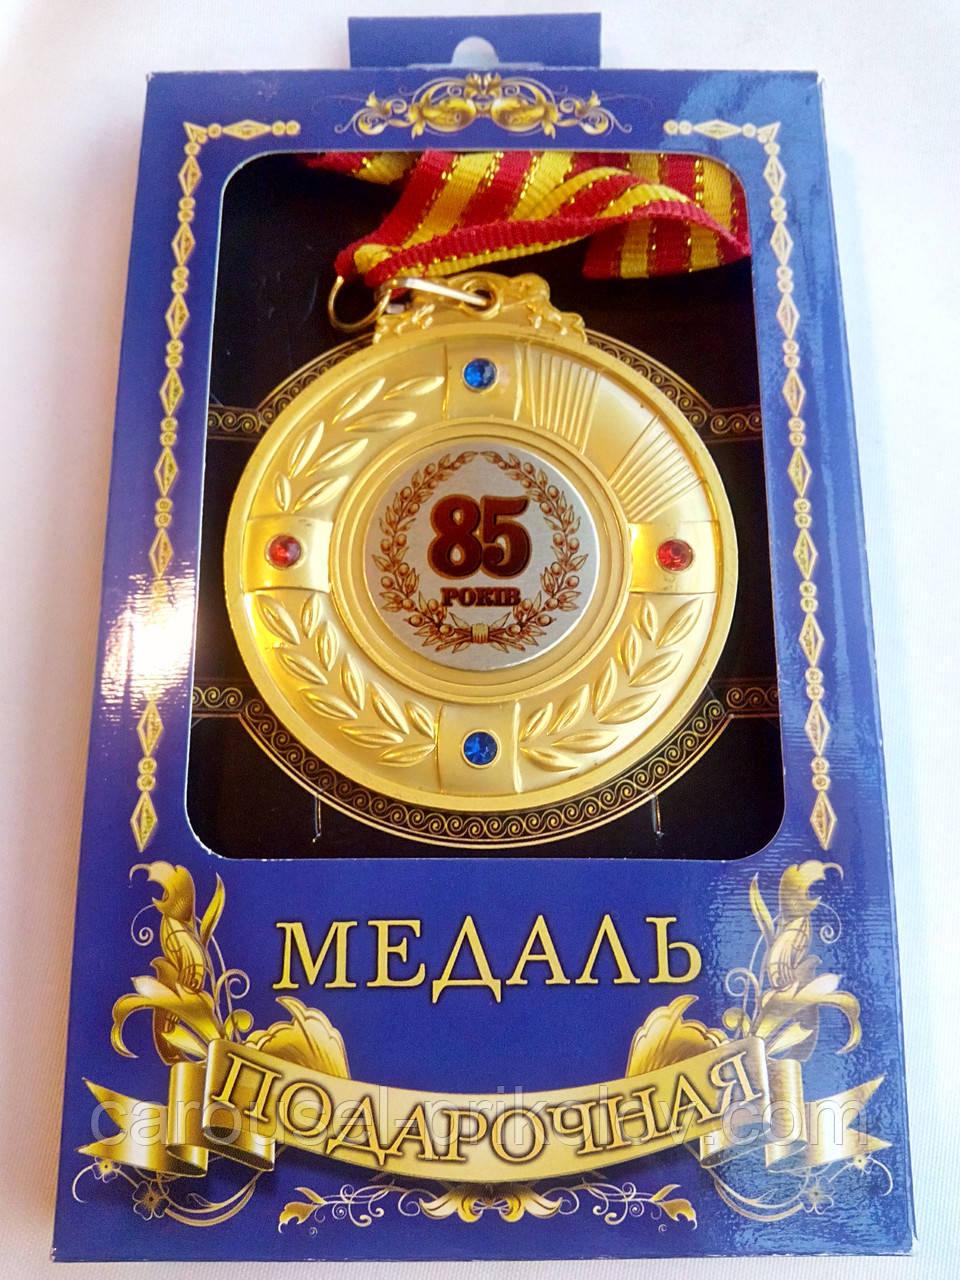 Медаль юбилейная 85 років